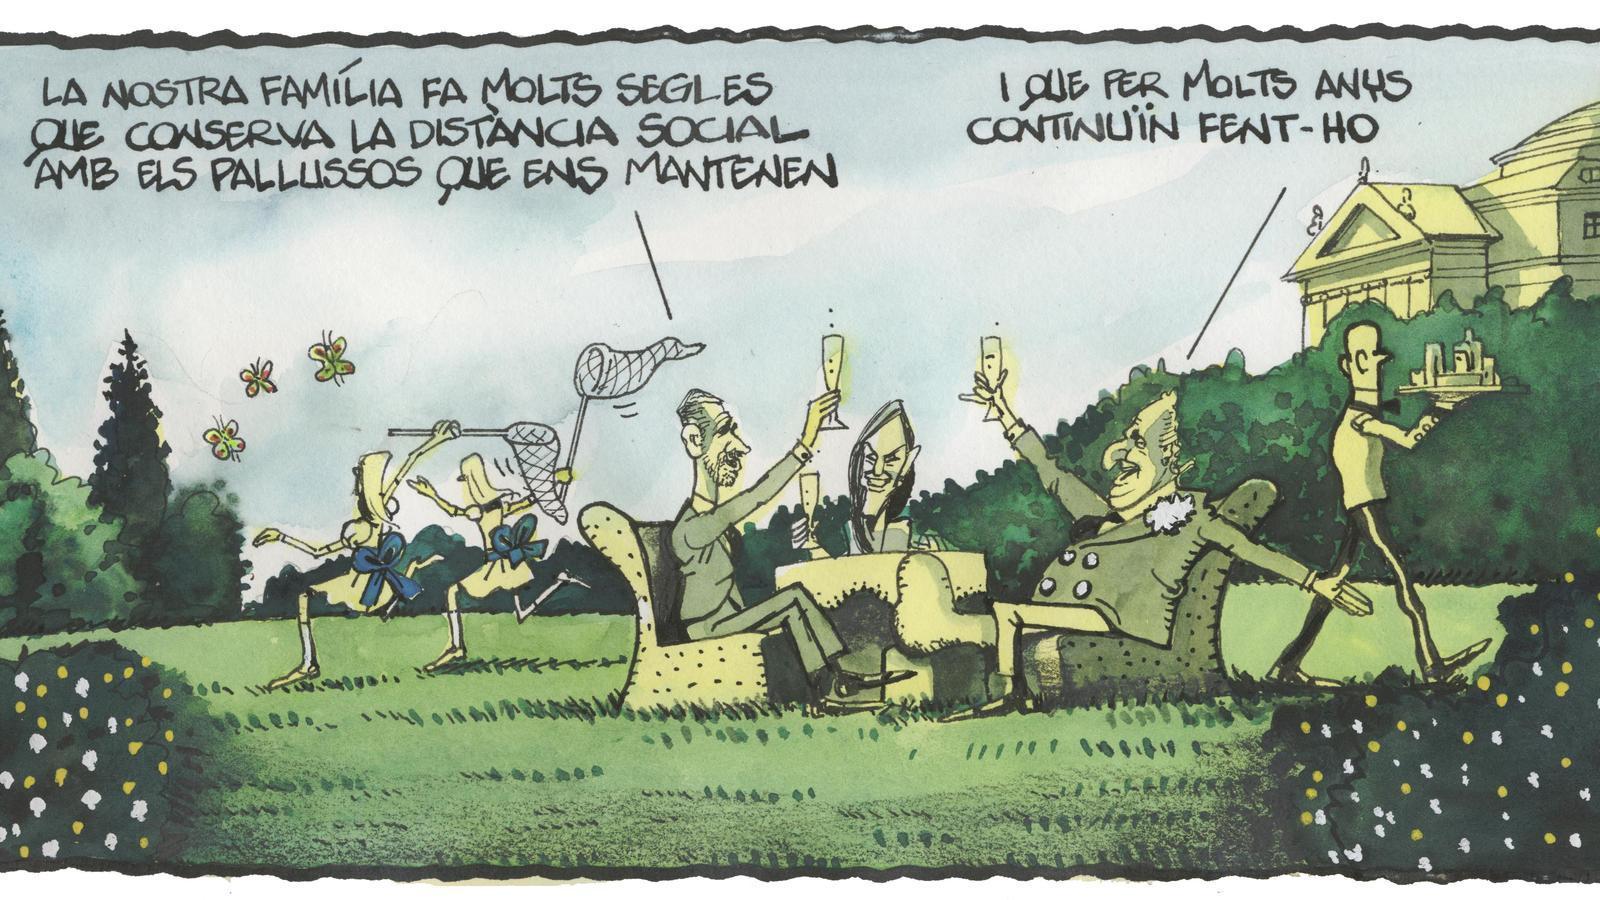 'A la contra', per Ferreres 17/05/2020